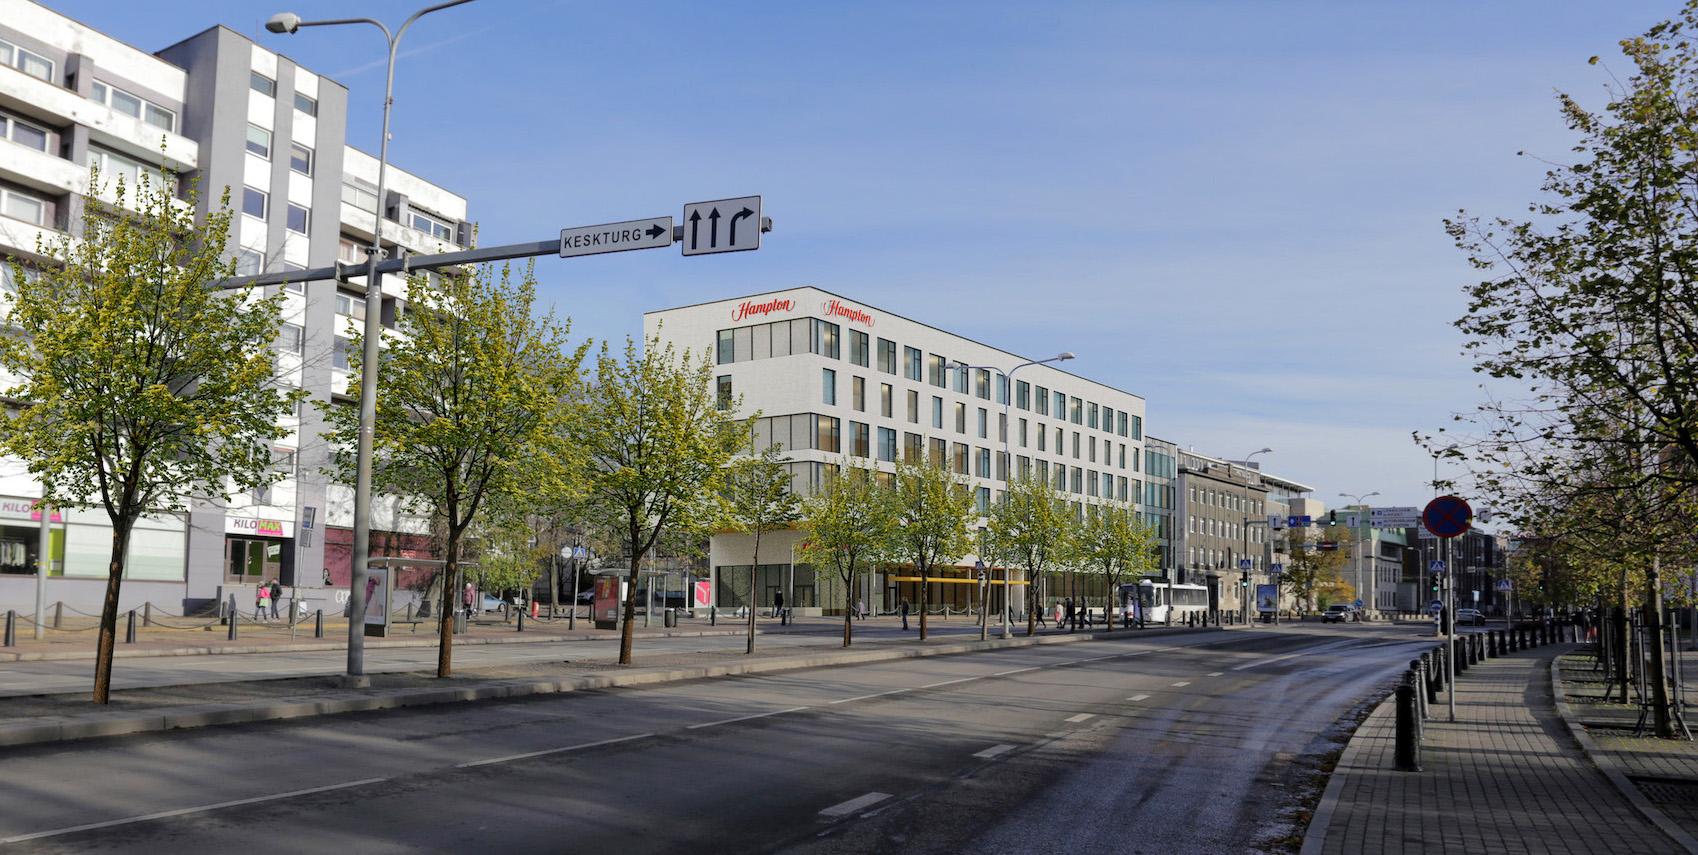 Сеть Hilton планирует открыть в Таллинне новый отель